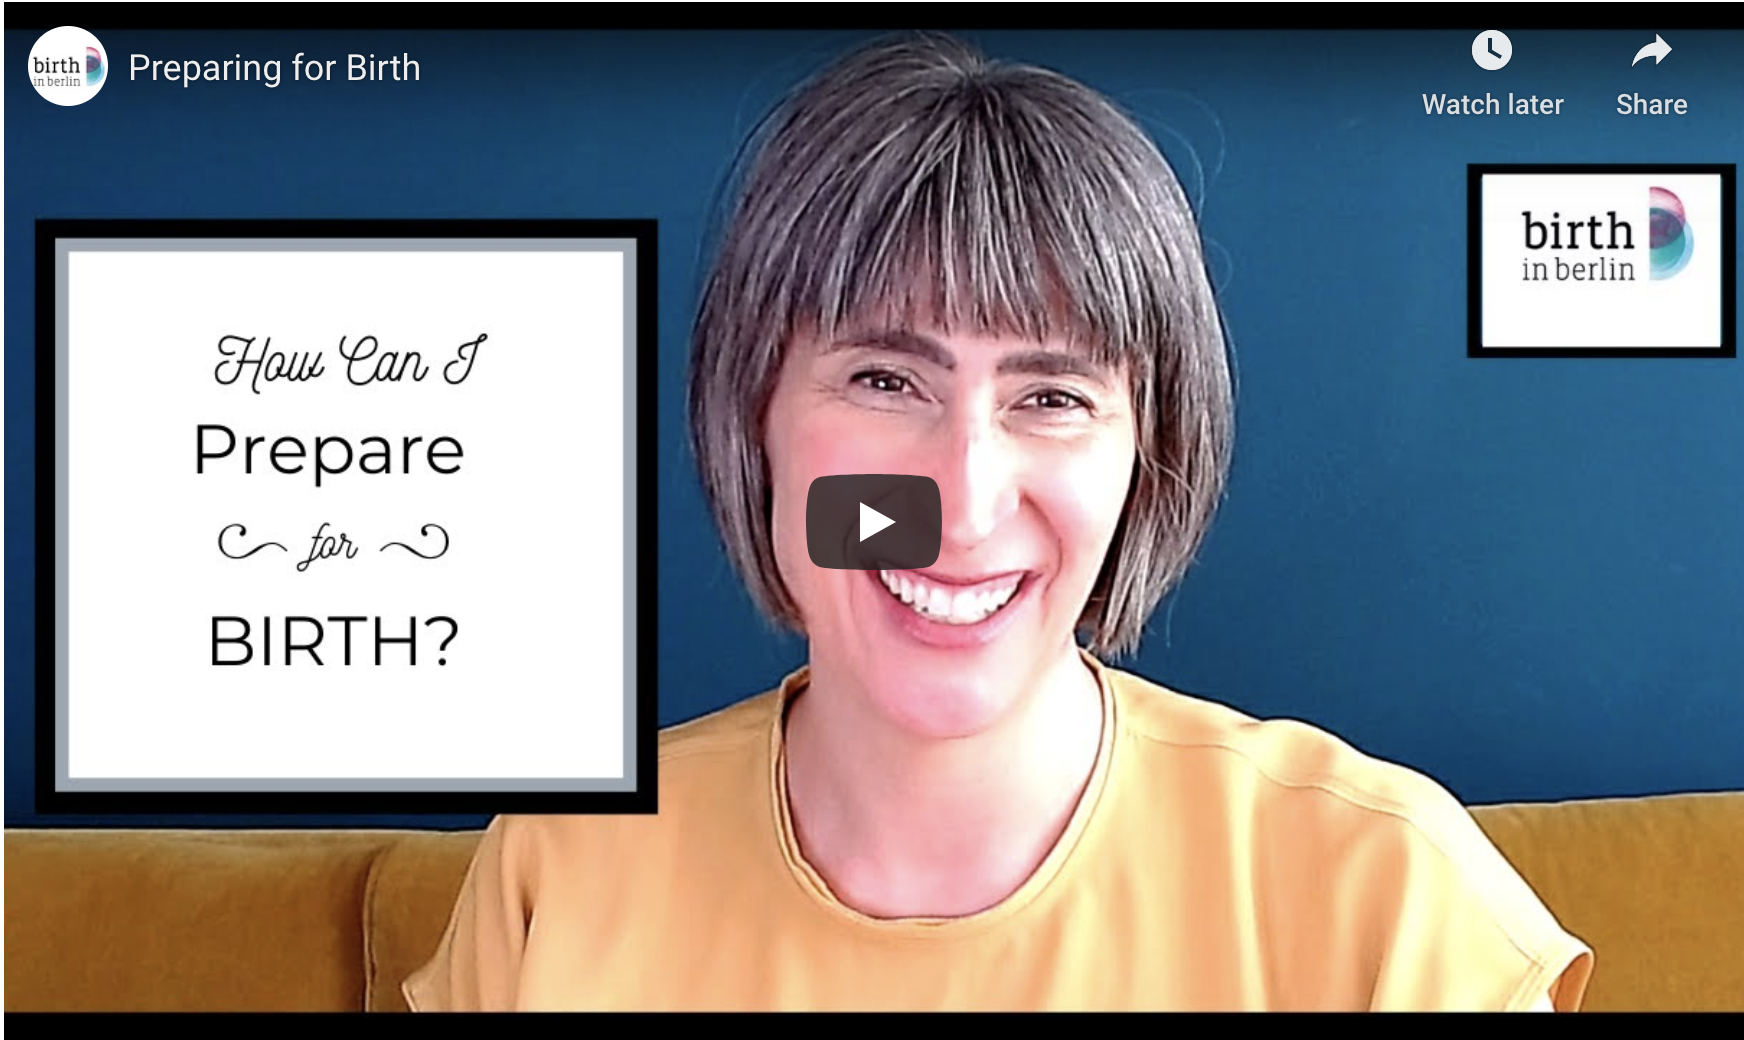 How Can I Prepare Birth?